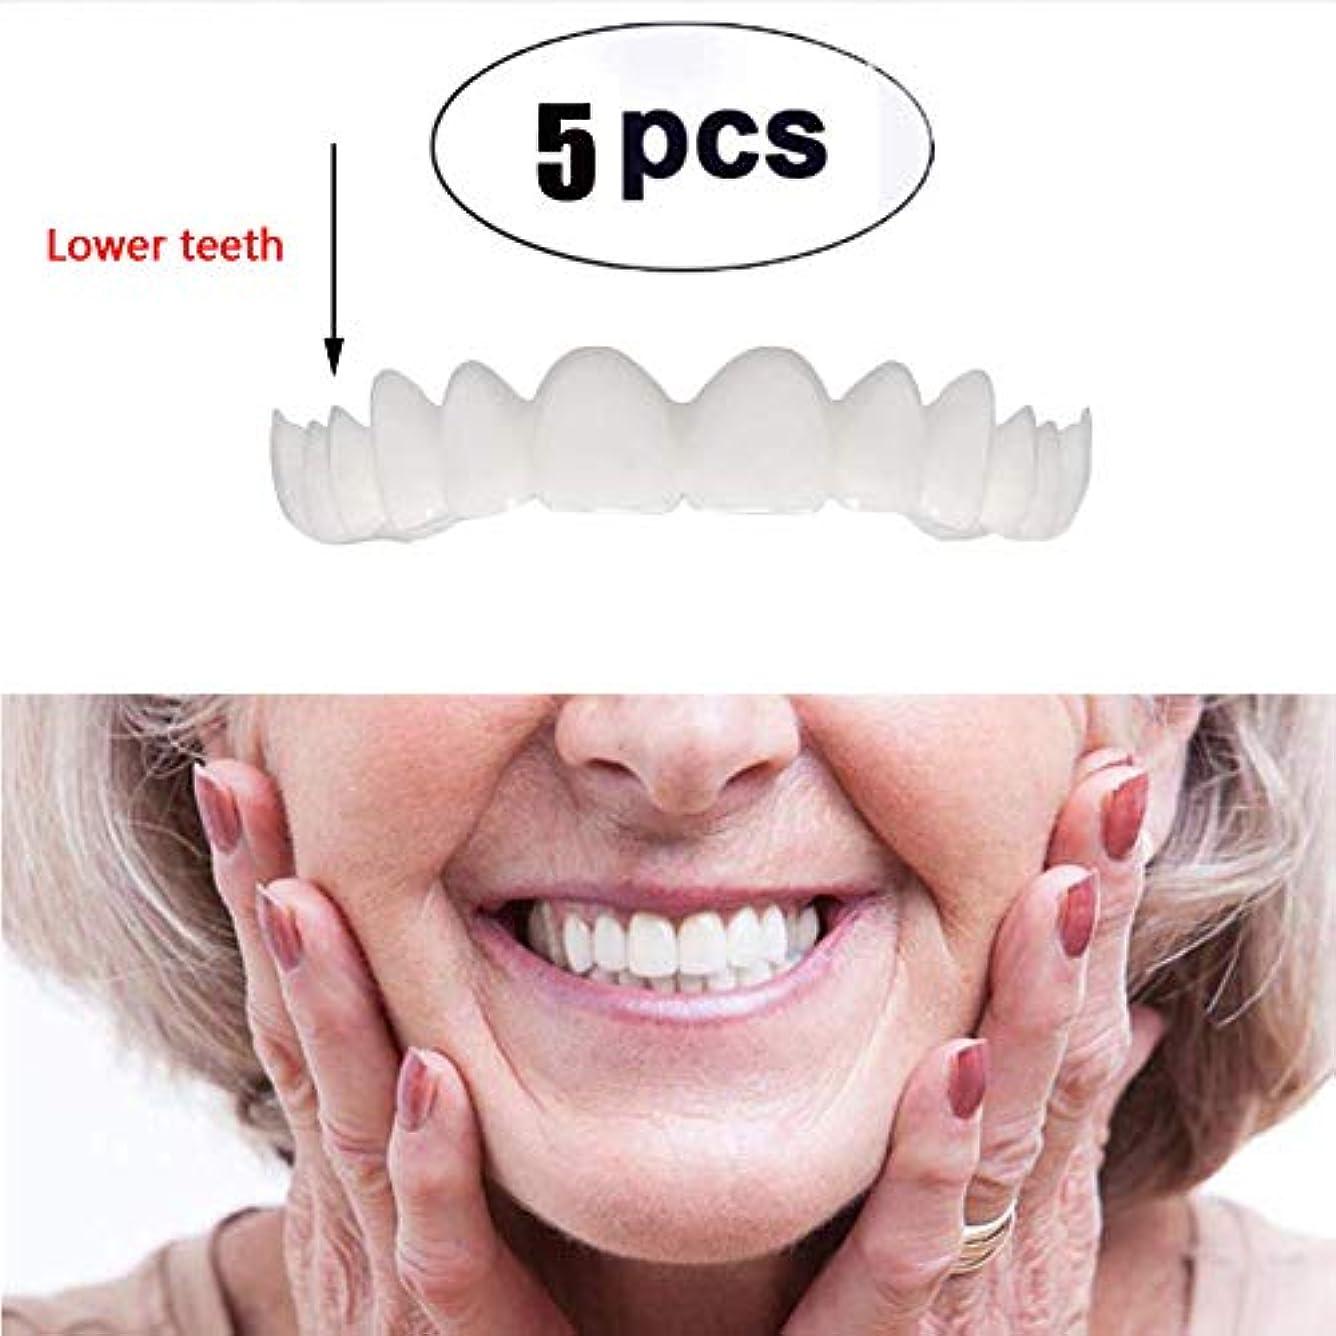 争いおしゃれじゃない巨大な5ピース下の歯一時的な化粧品の歯化粧品模擬ブレースホワイトニング歯スナップキャップインスタント快適なフレックスパーフェクトベニア